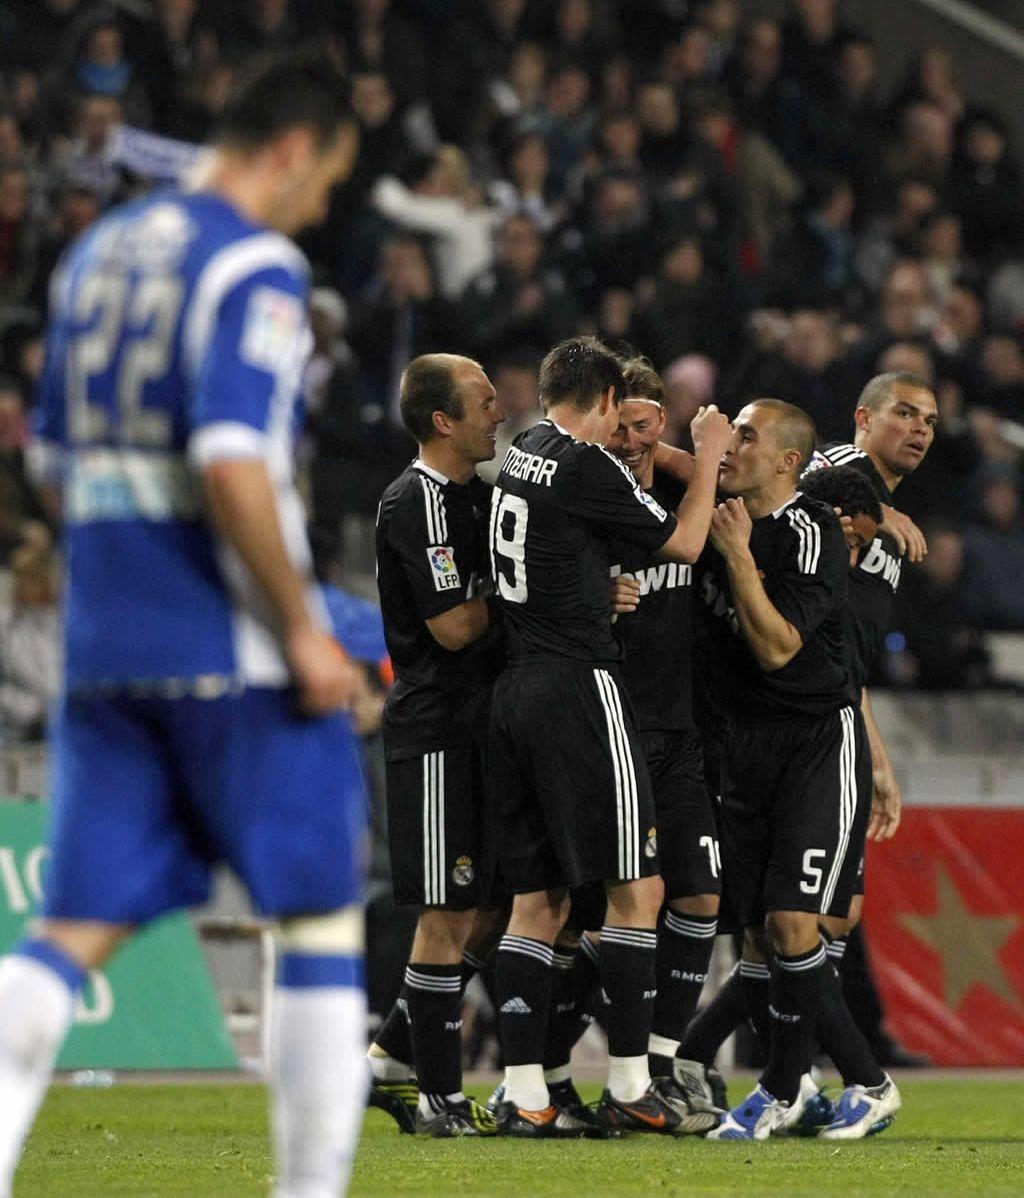 El Real Madrid gana al Espanyol 0-2 con goles de Guti y Raul